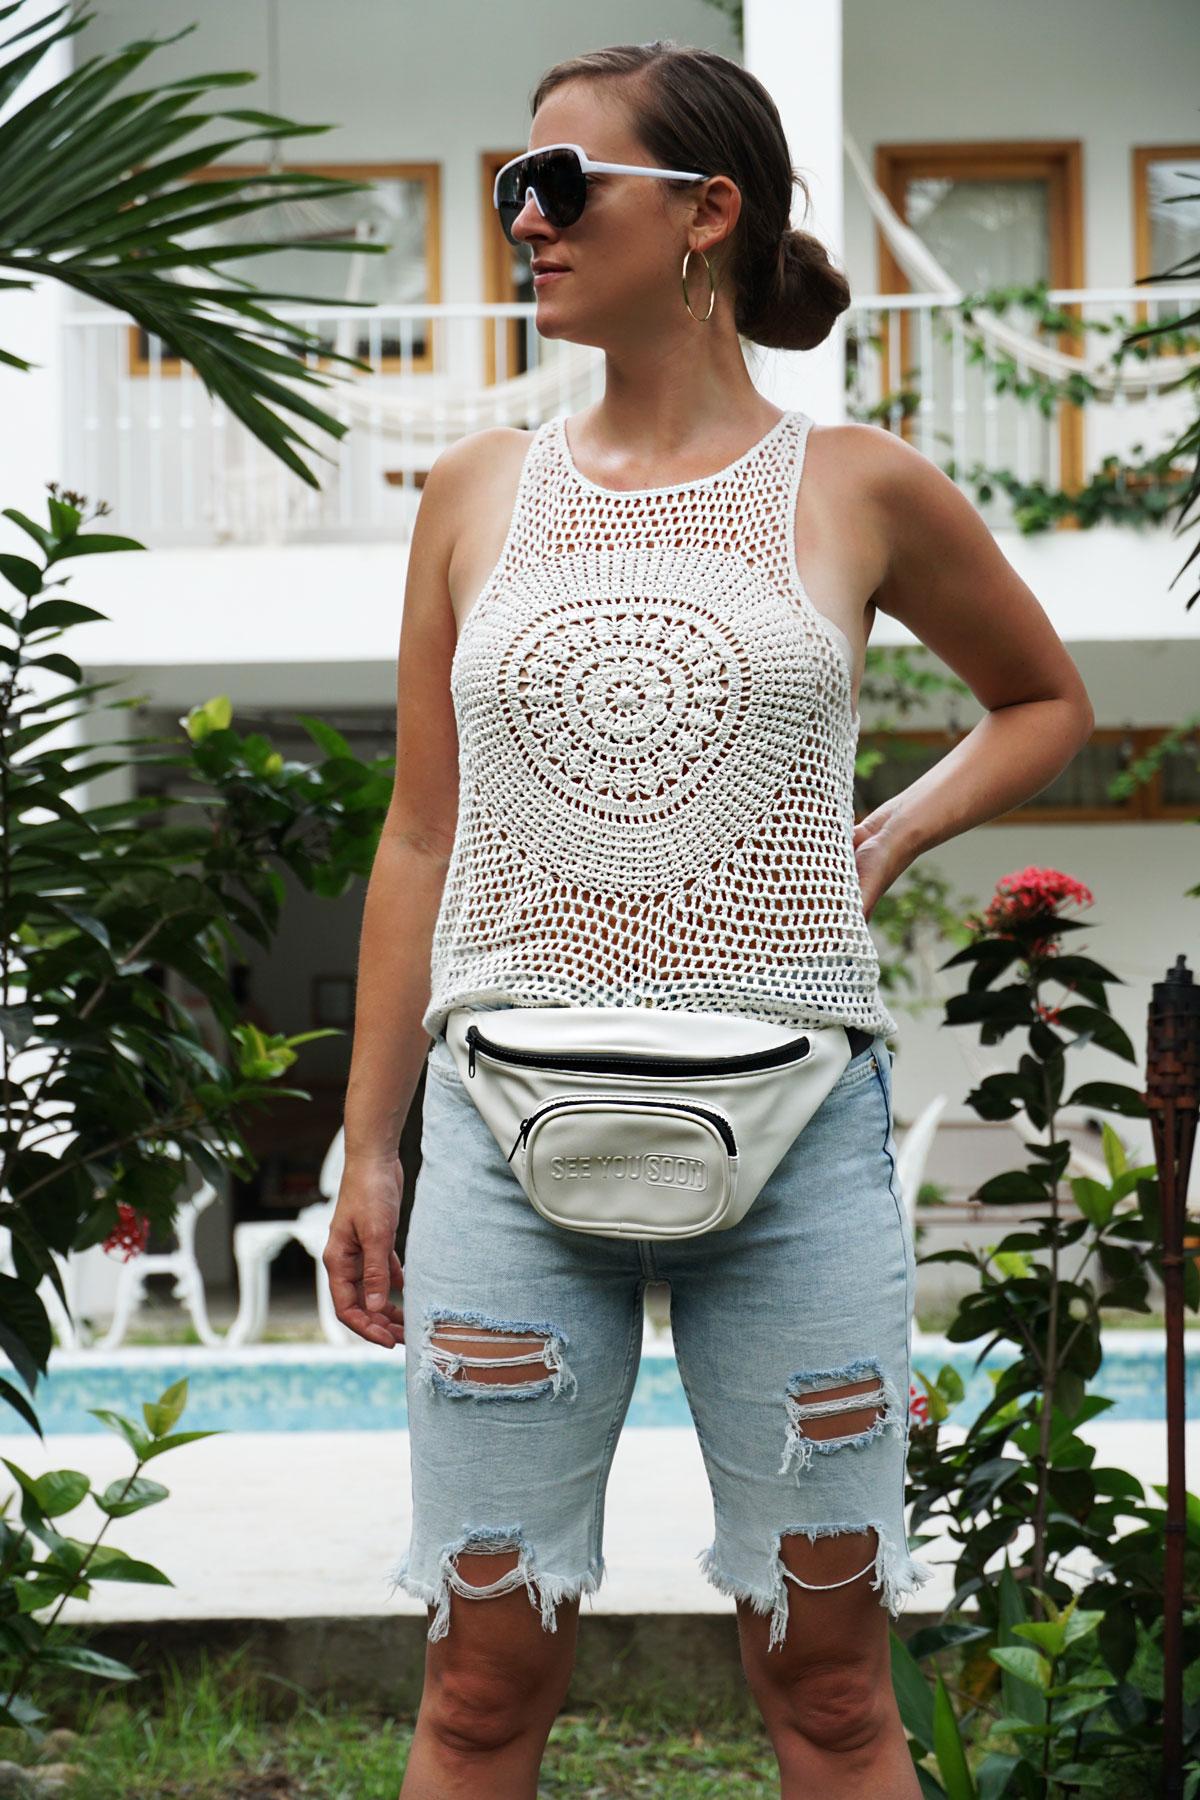 Andrea Steiner vom Mode Blog Strawberries 'n' Champagne aus der Schweiz trägt Denim Bermuda Hosen mit einem gestrickten Top, Bauchtasche und Plateau-Sneakers.